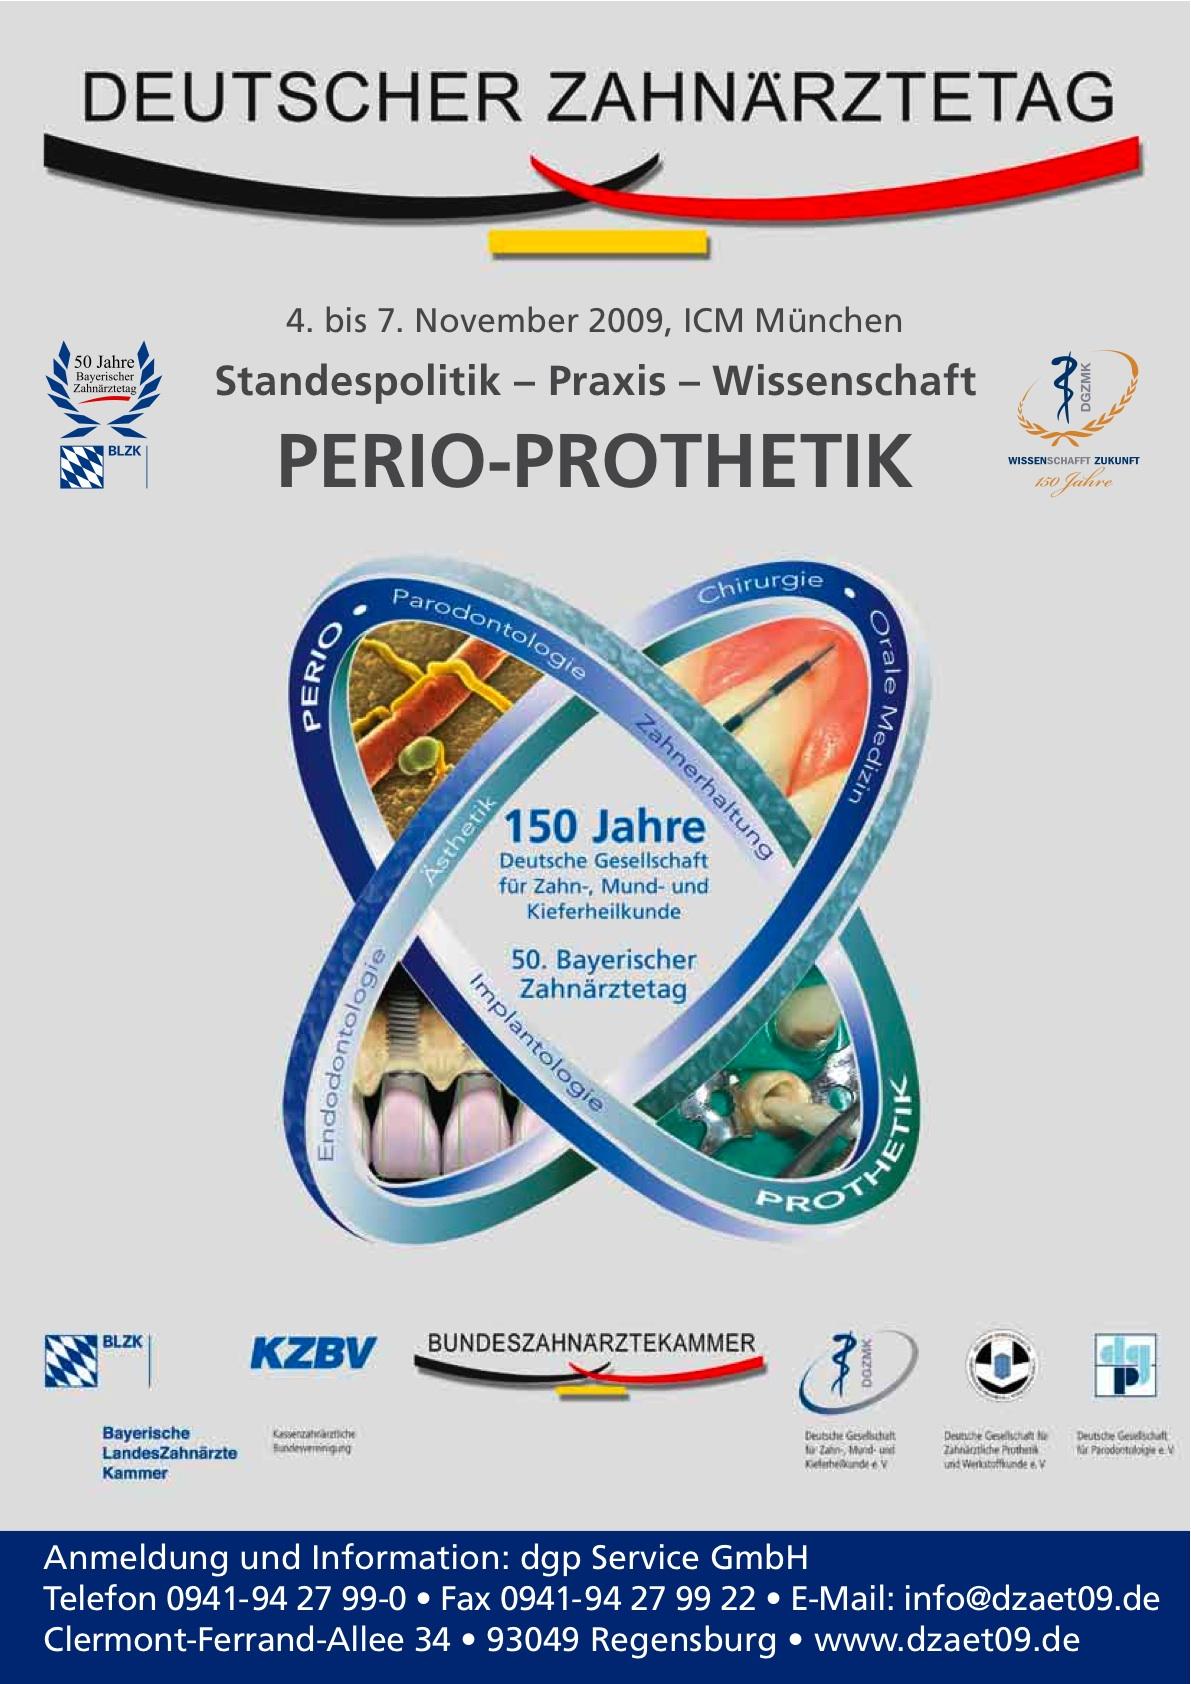 Deutscher Zahnärztetag vom 04. bis 09. November 2009 in München